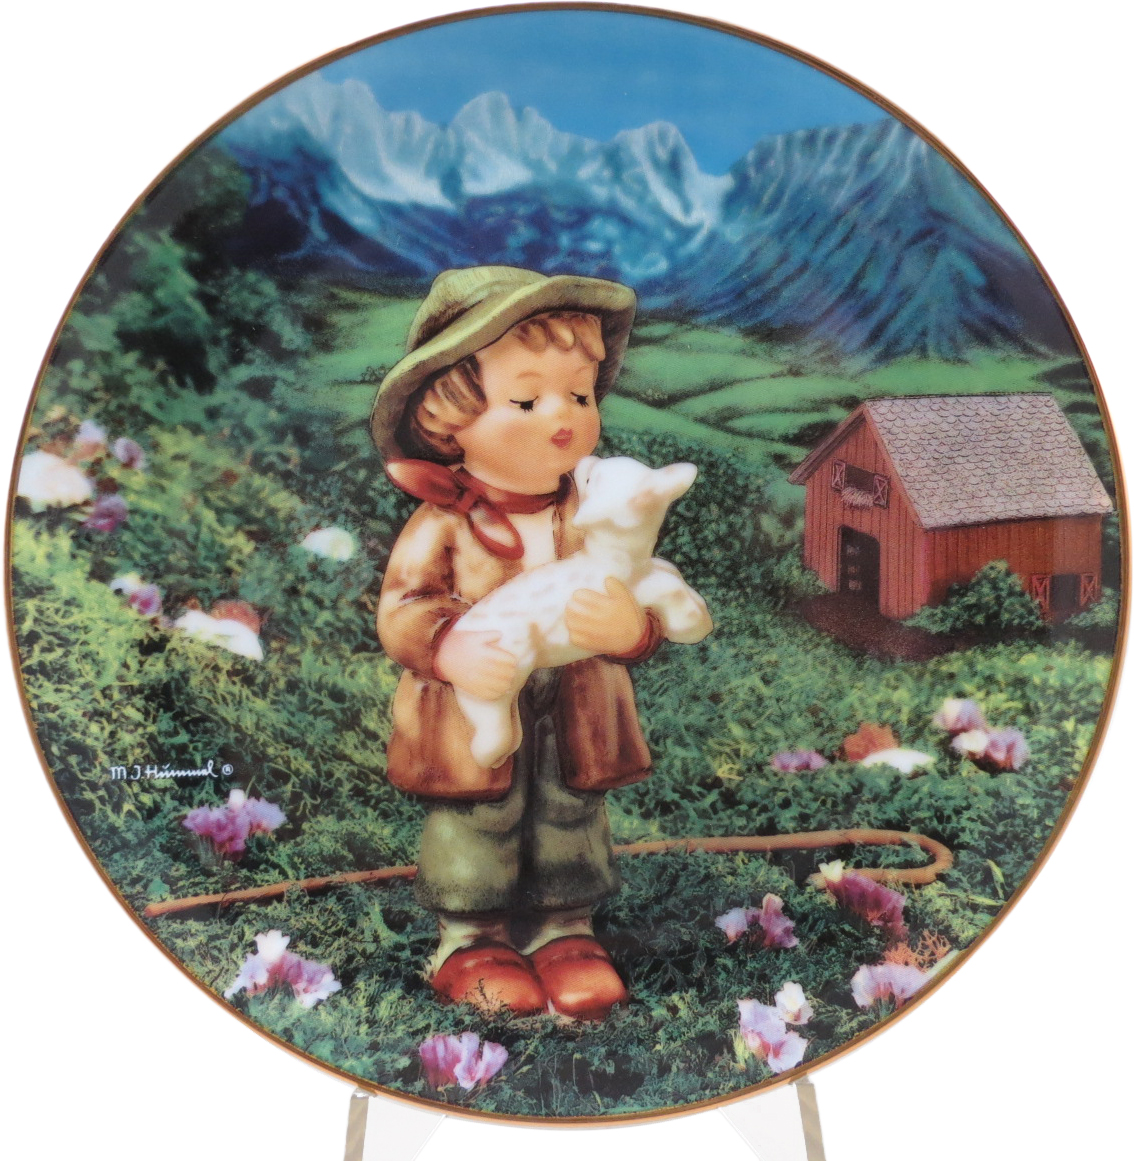 Декоративная коллекционная тарелка Нежные Друзья: Заблудившаяся Овечка. Фарфор, деколь, золочение, США, Хуммель, Danbury Mint, 1990